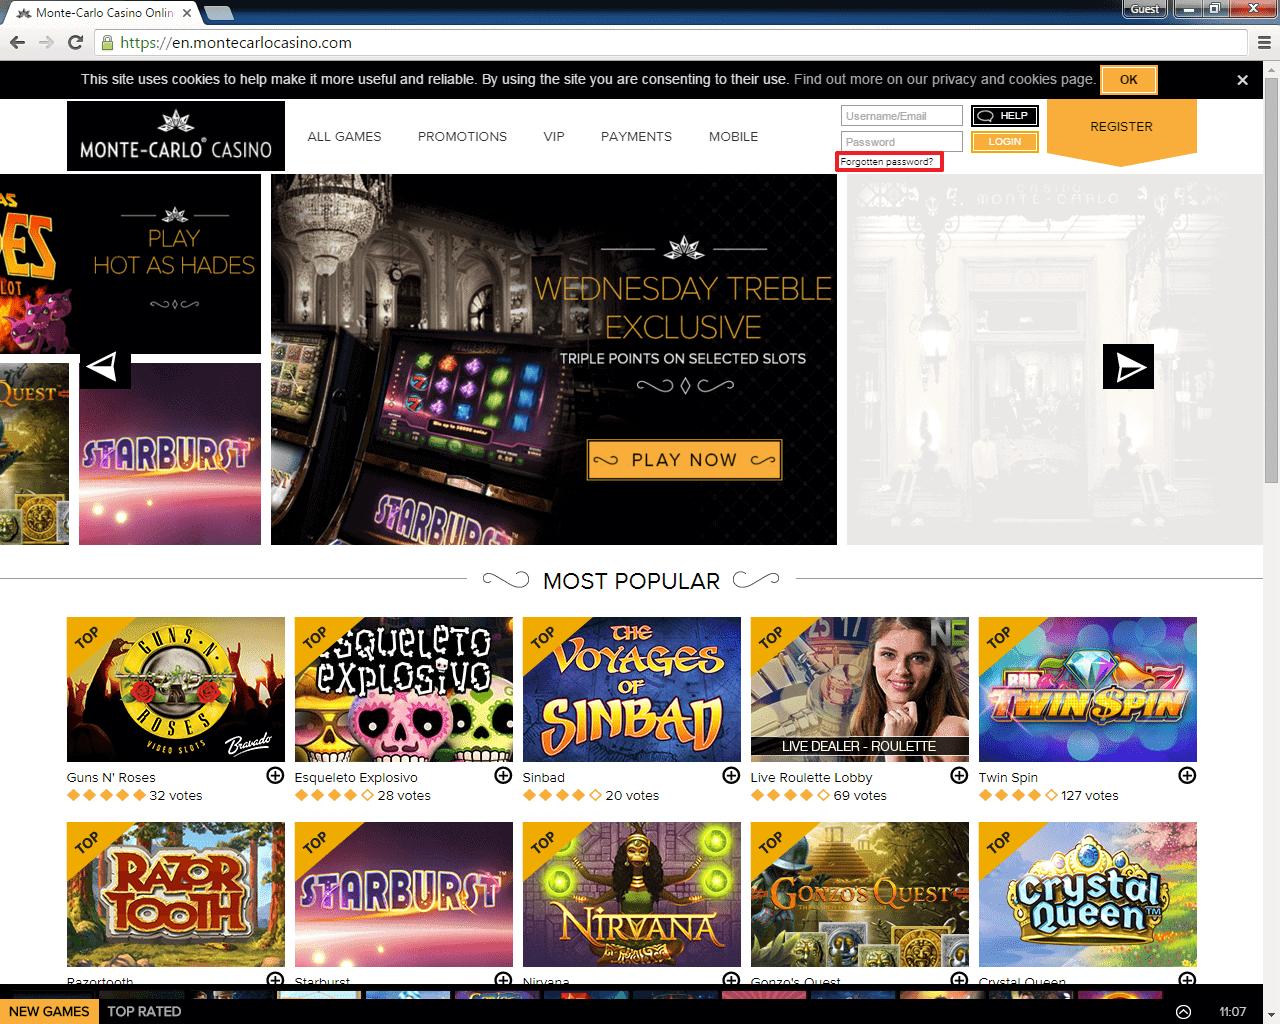 Monte-Carlo Casino login 2